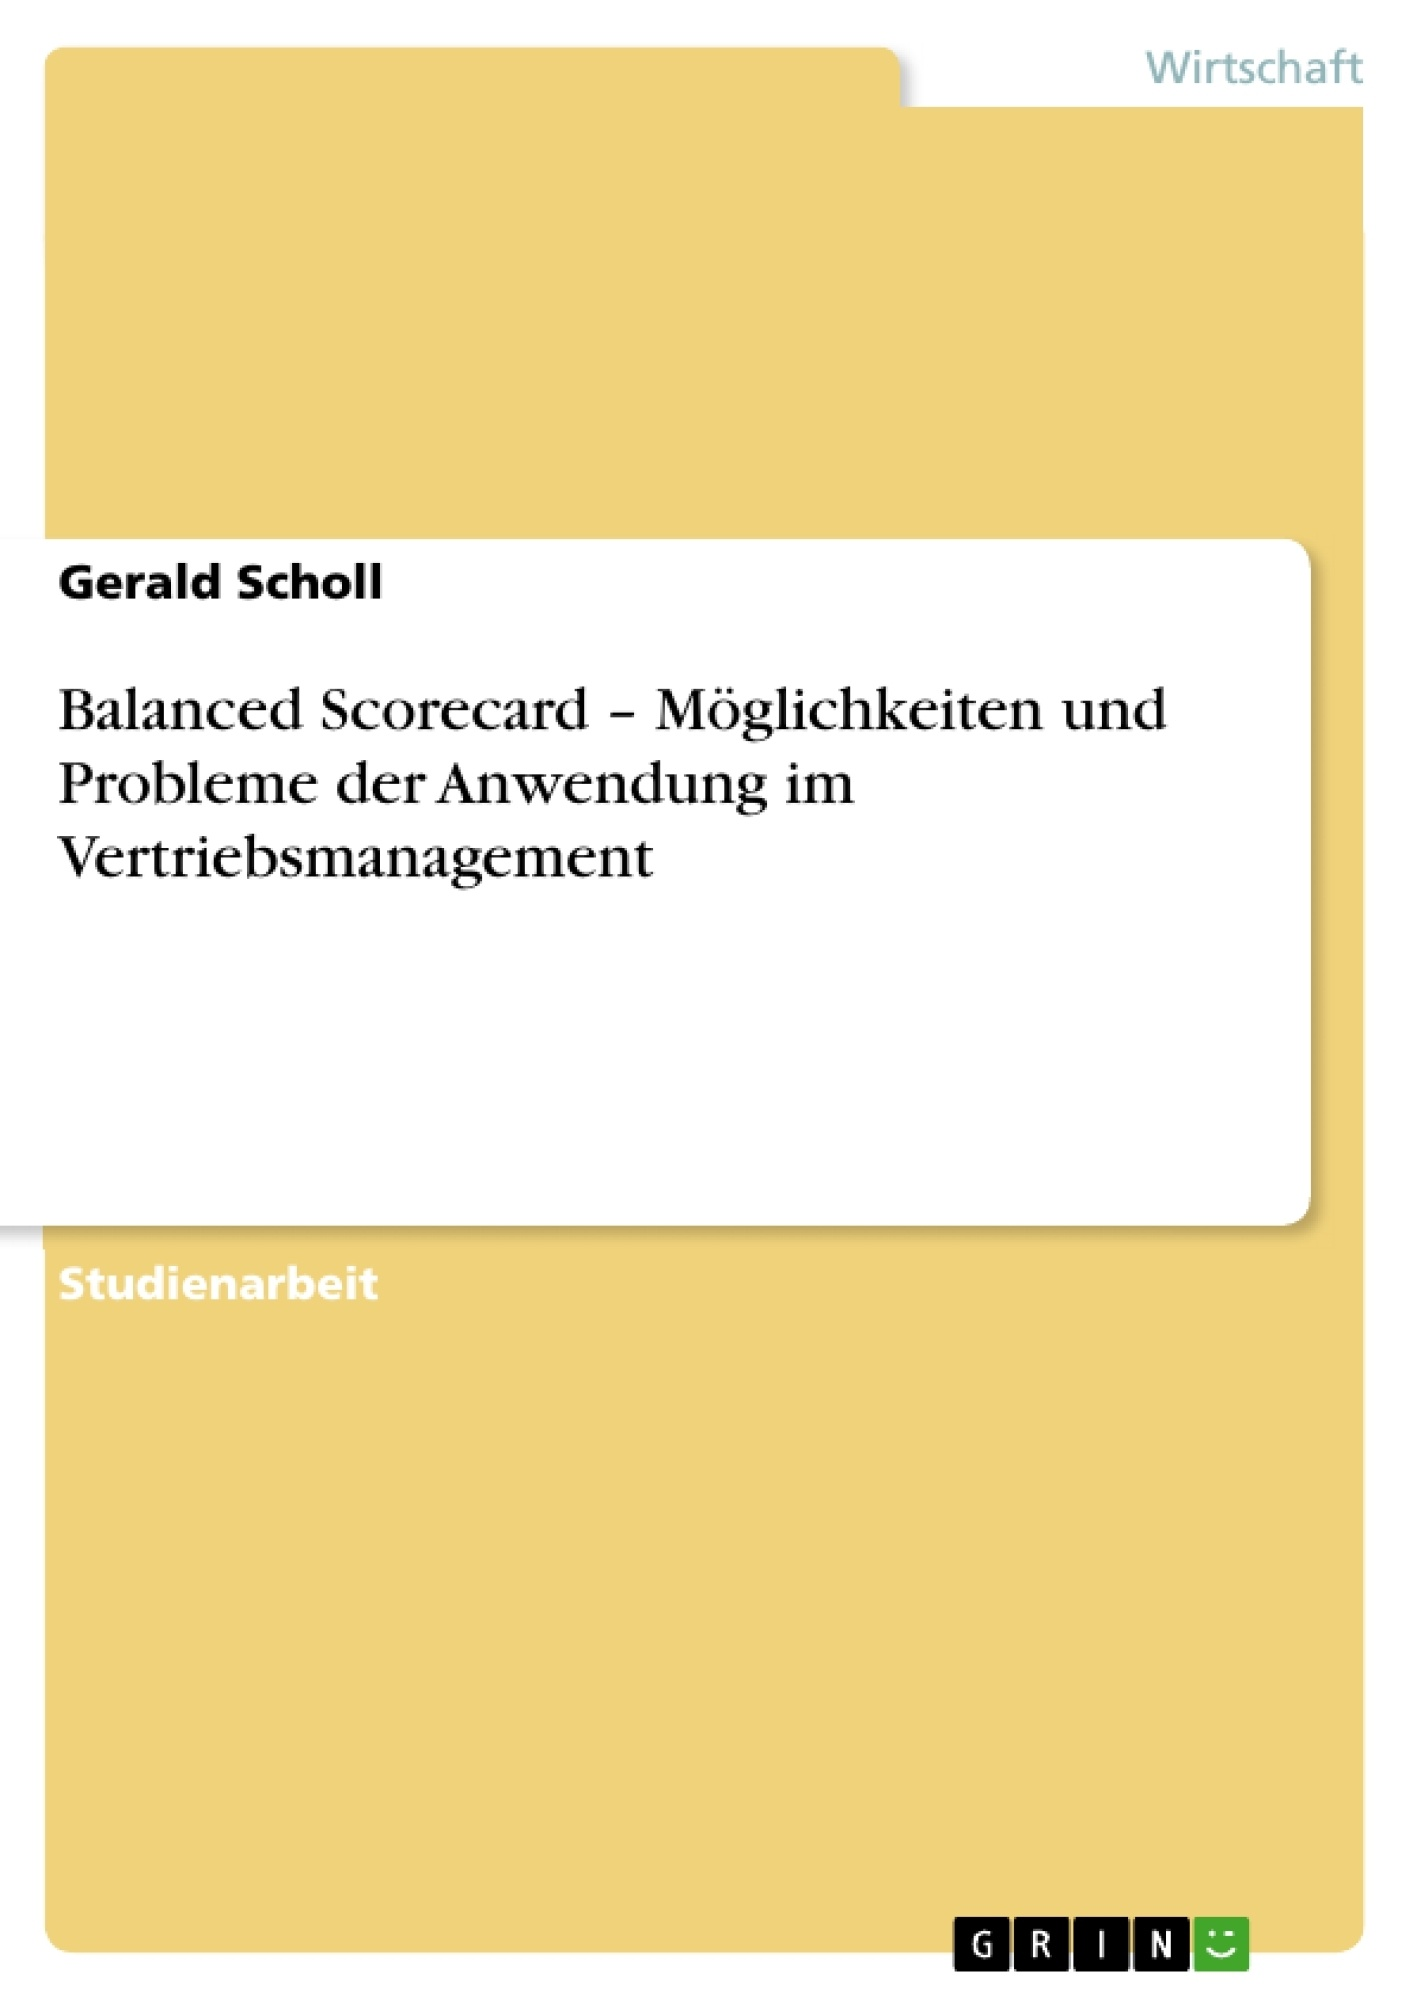 Titel: Balanced Scorecard – Möglichkeiten und Probleme der Anwendung im Vertriebsmanagement